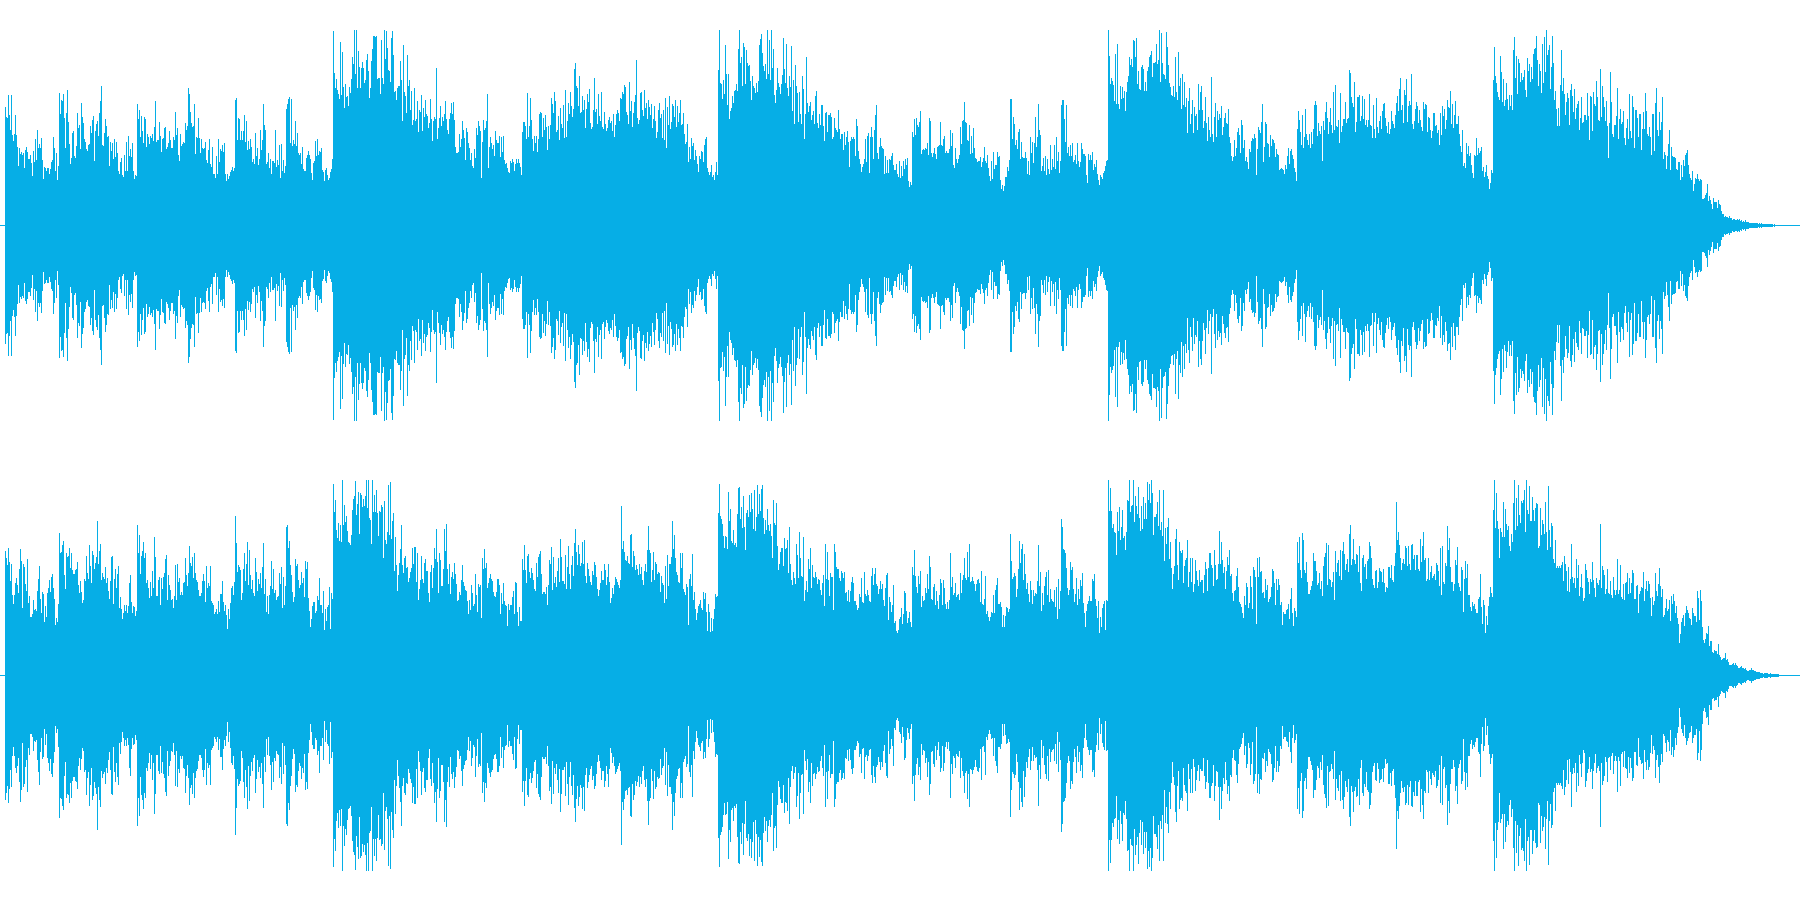 不穏な空気が漂うホラー用BGMの再生済みの波形